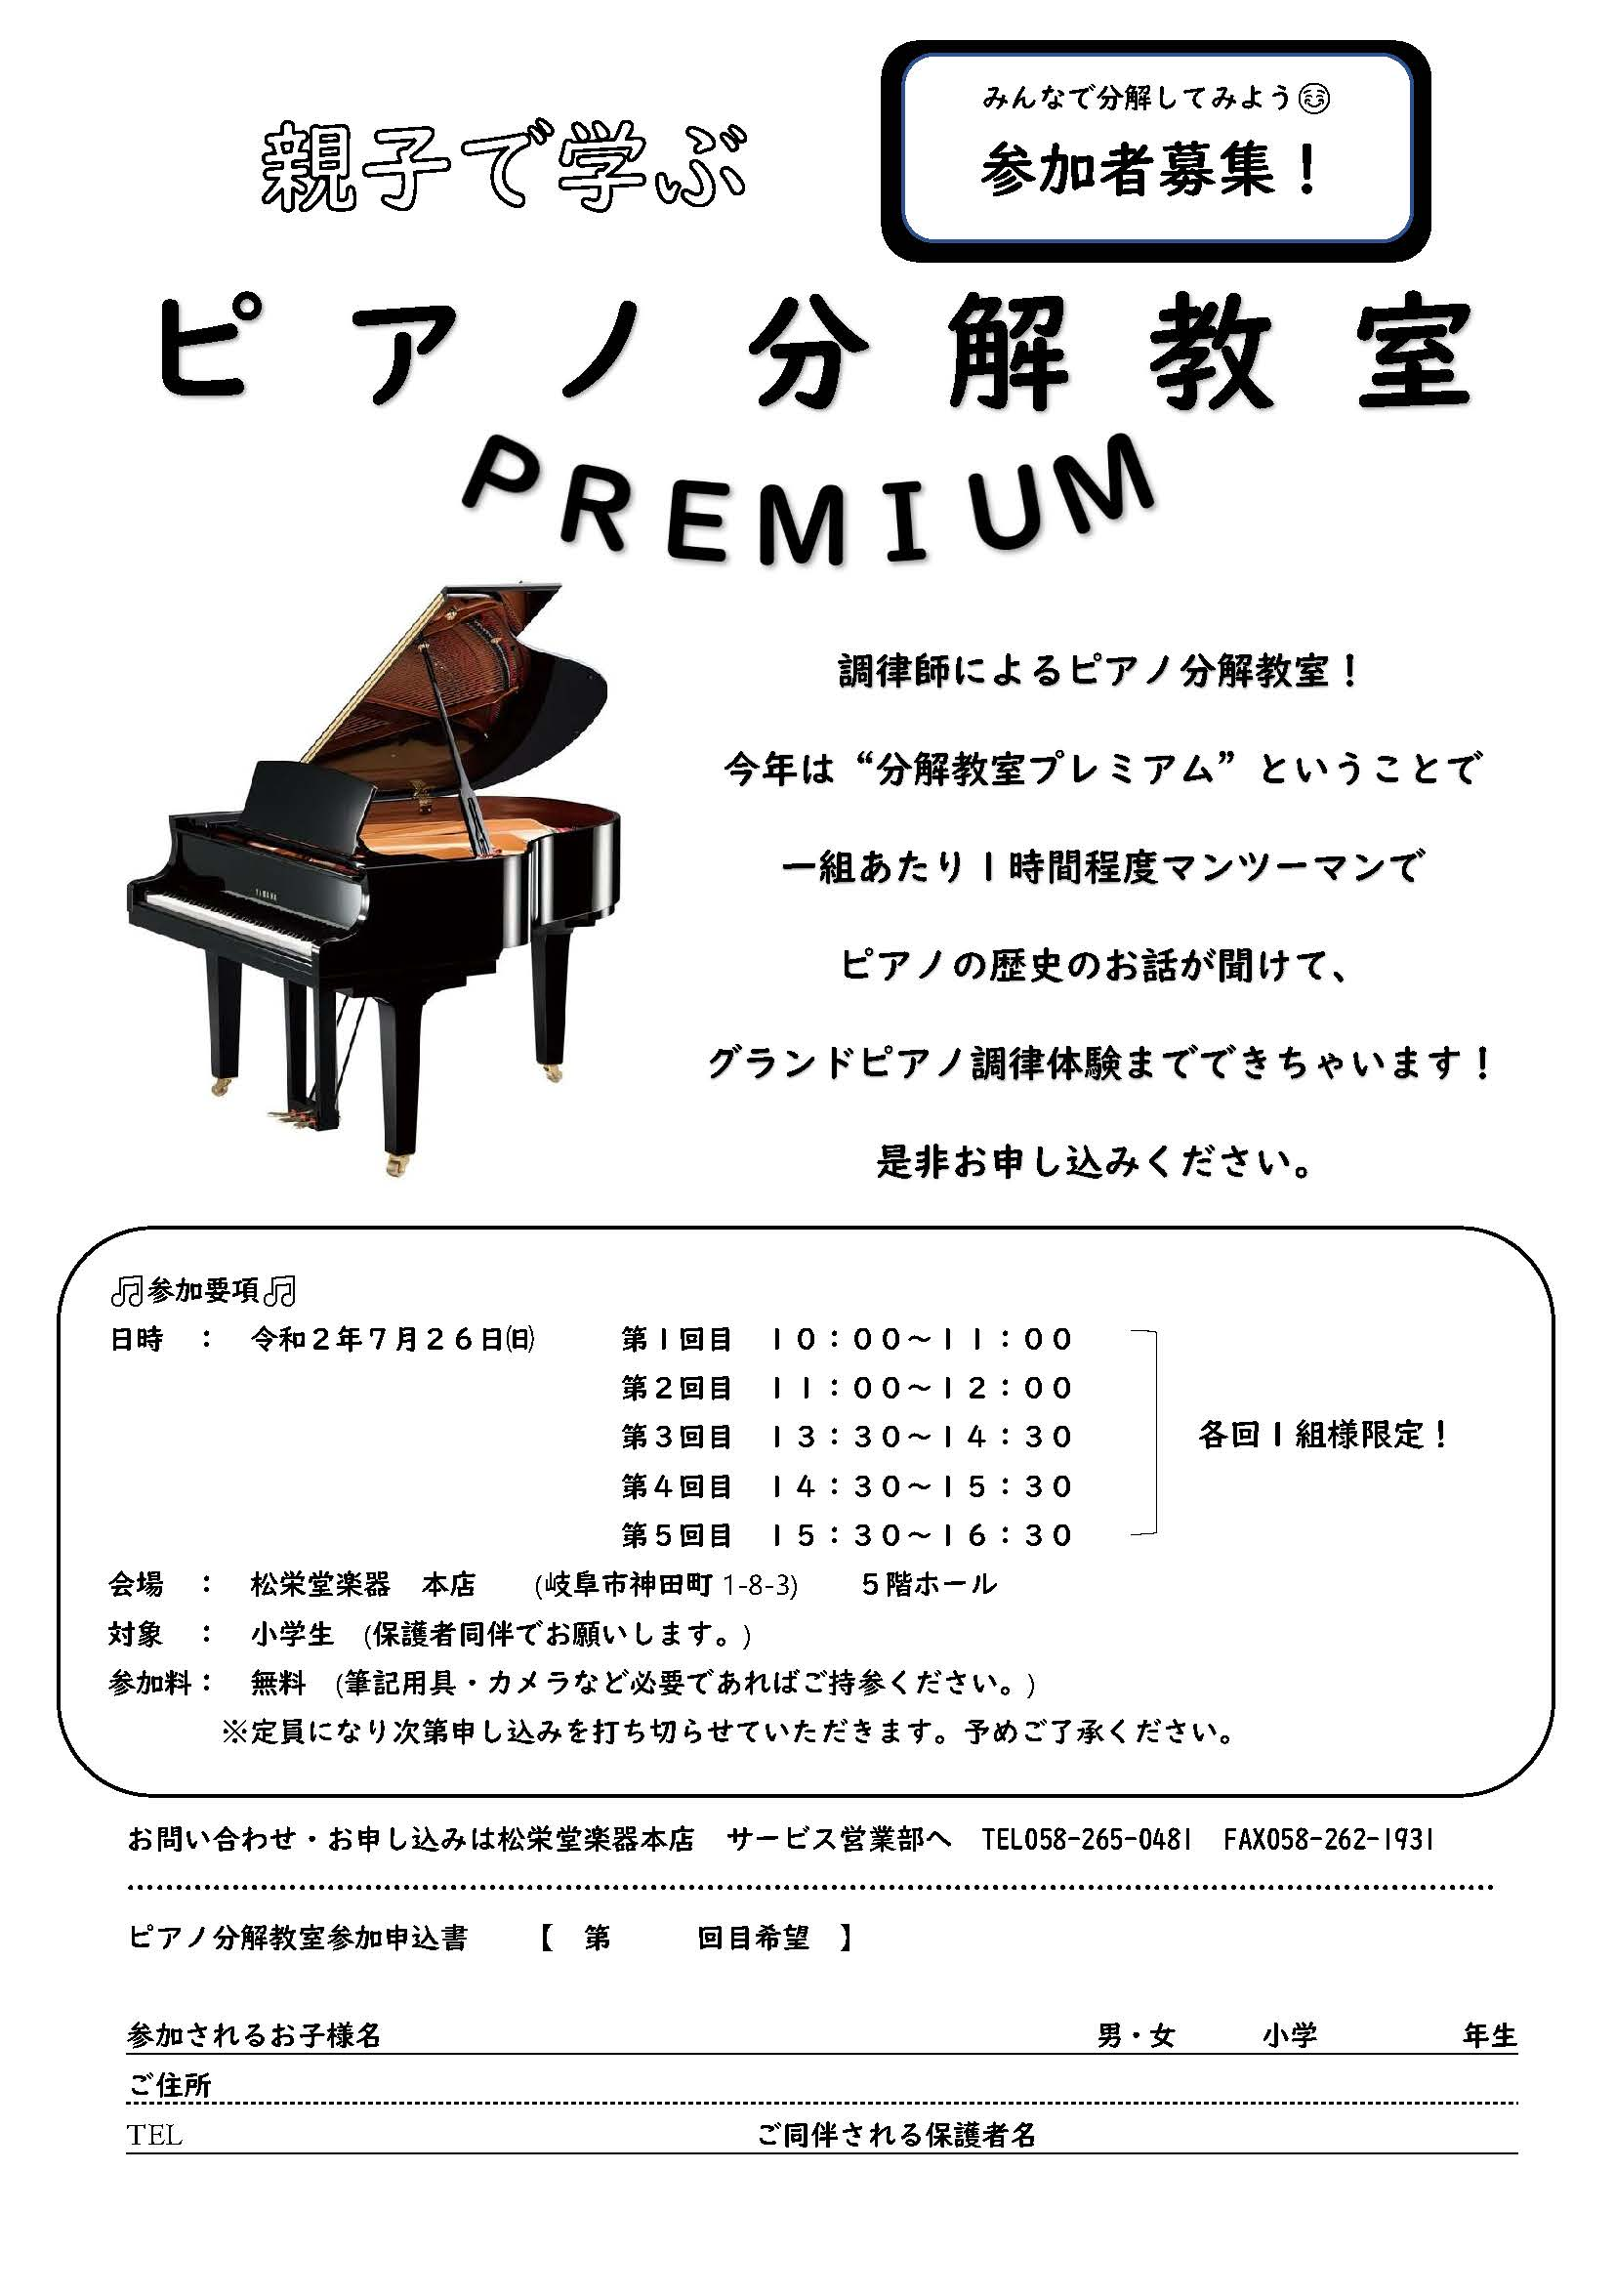 ピアノ分解教室プレミアム